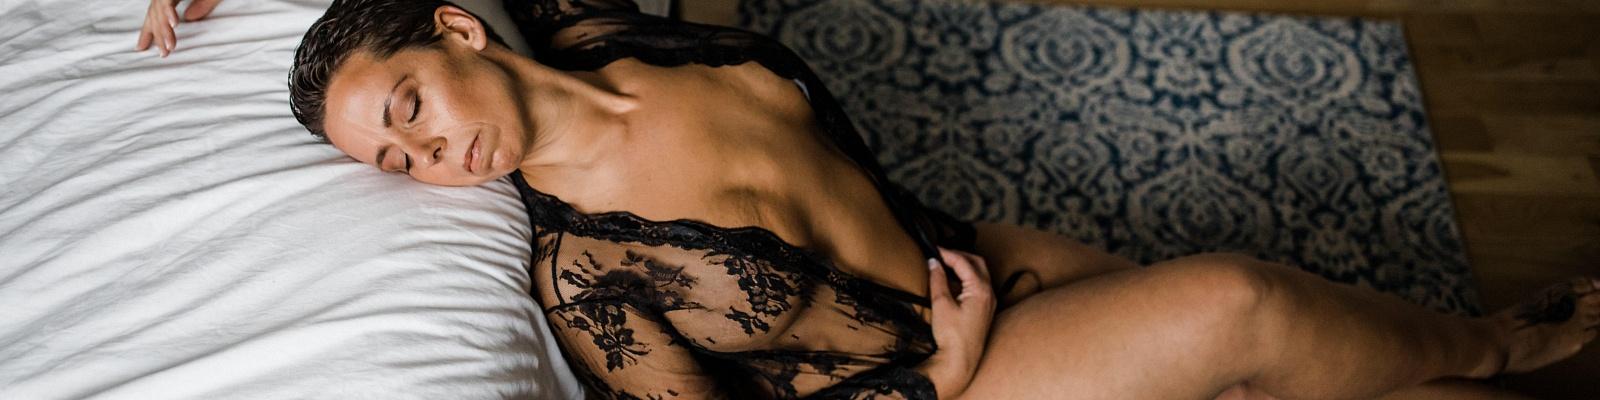 Juliana Tropea's Cover Photo